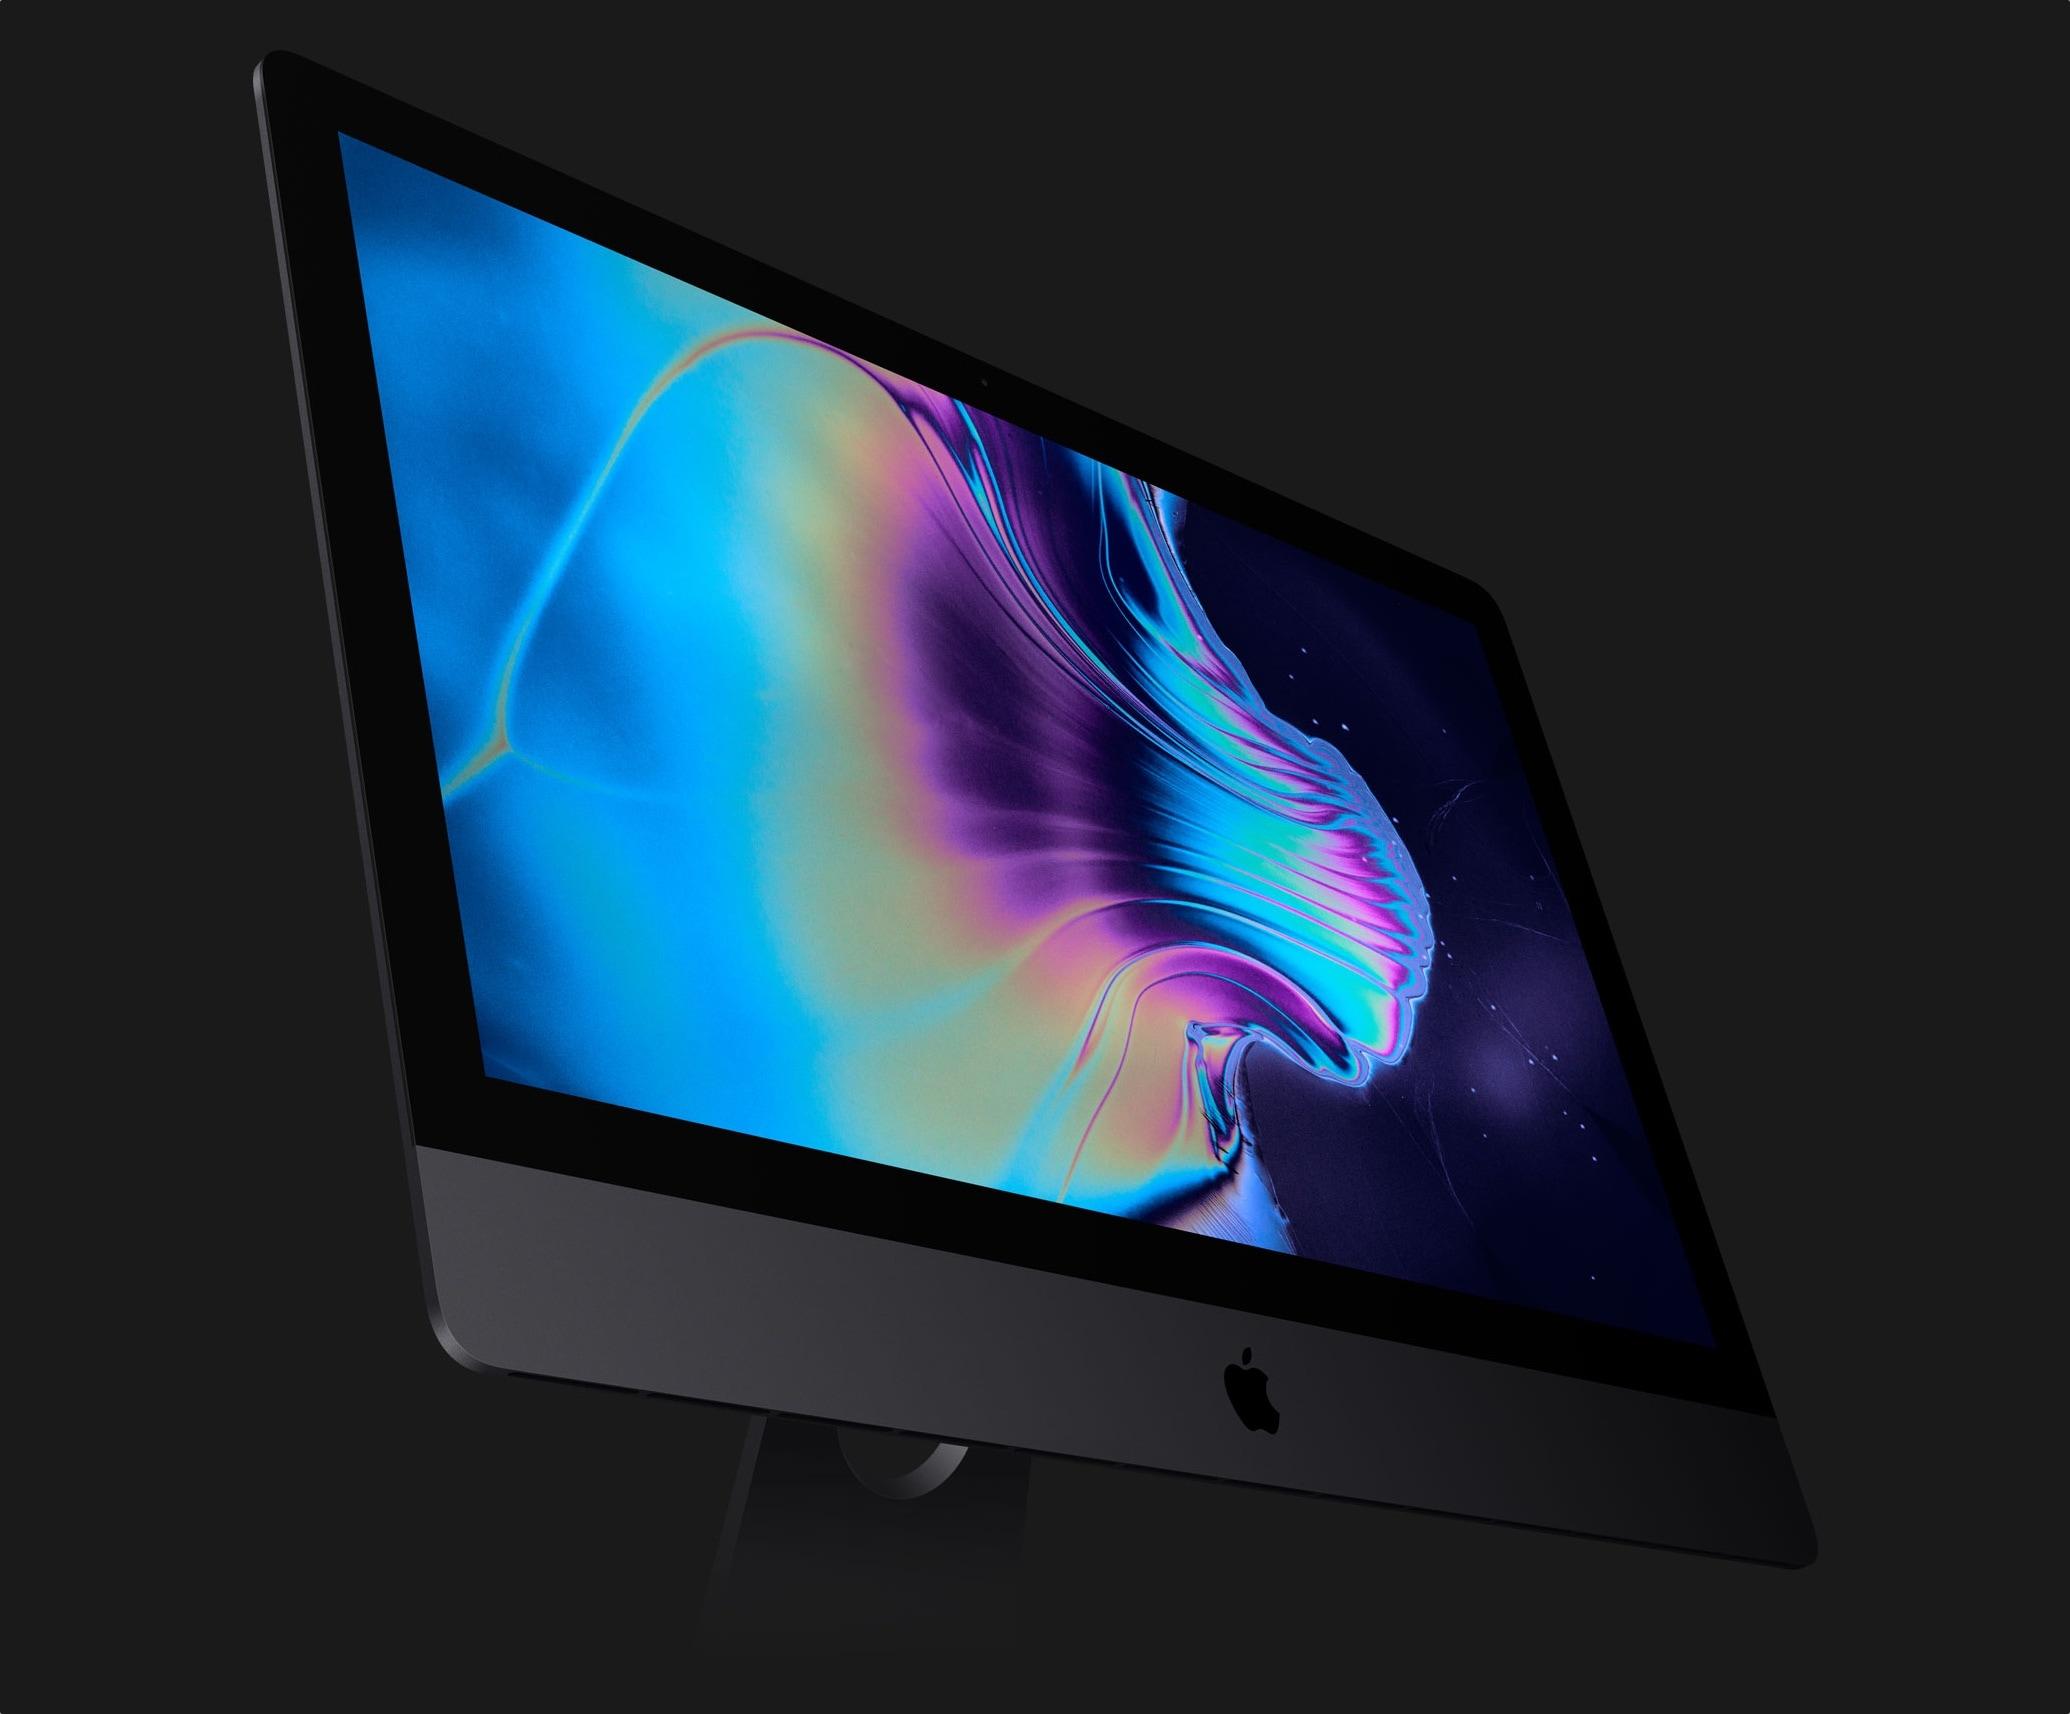 IMac Pro pode vir equipado com co-processador A10 Fusion